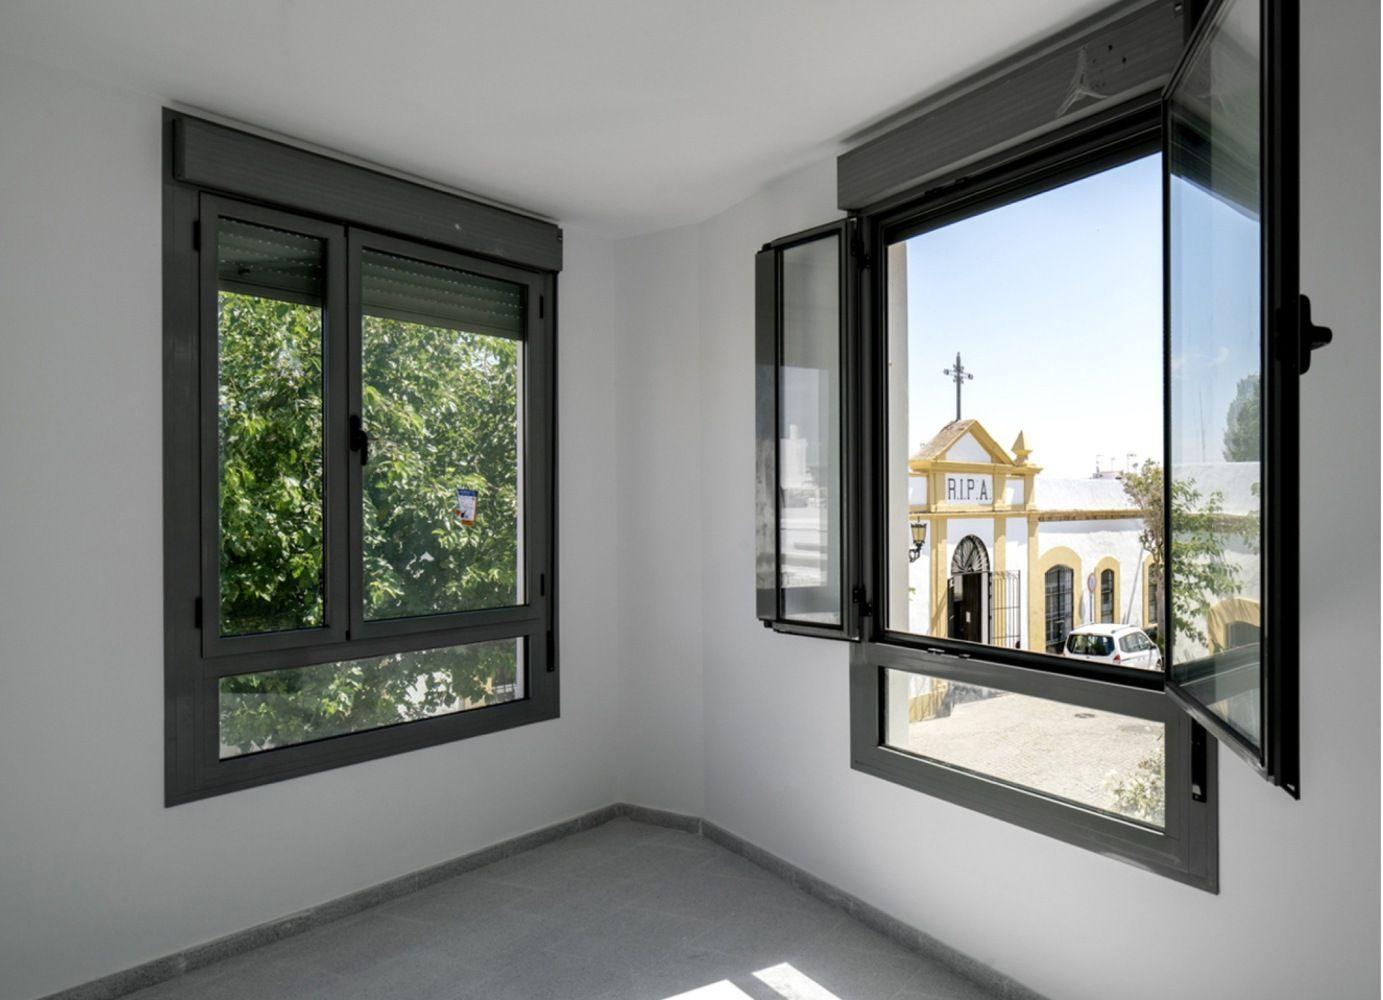 Galeria De 22 Residencias Sociais Em Chipiona Gabriel Verd Arquitectos 4 Arquitectos Residencia Galeria